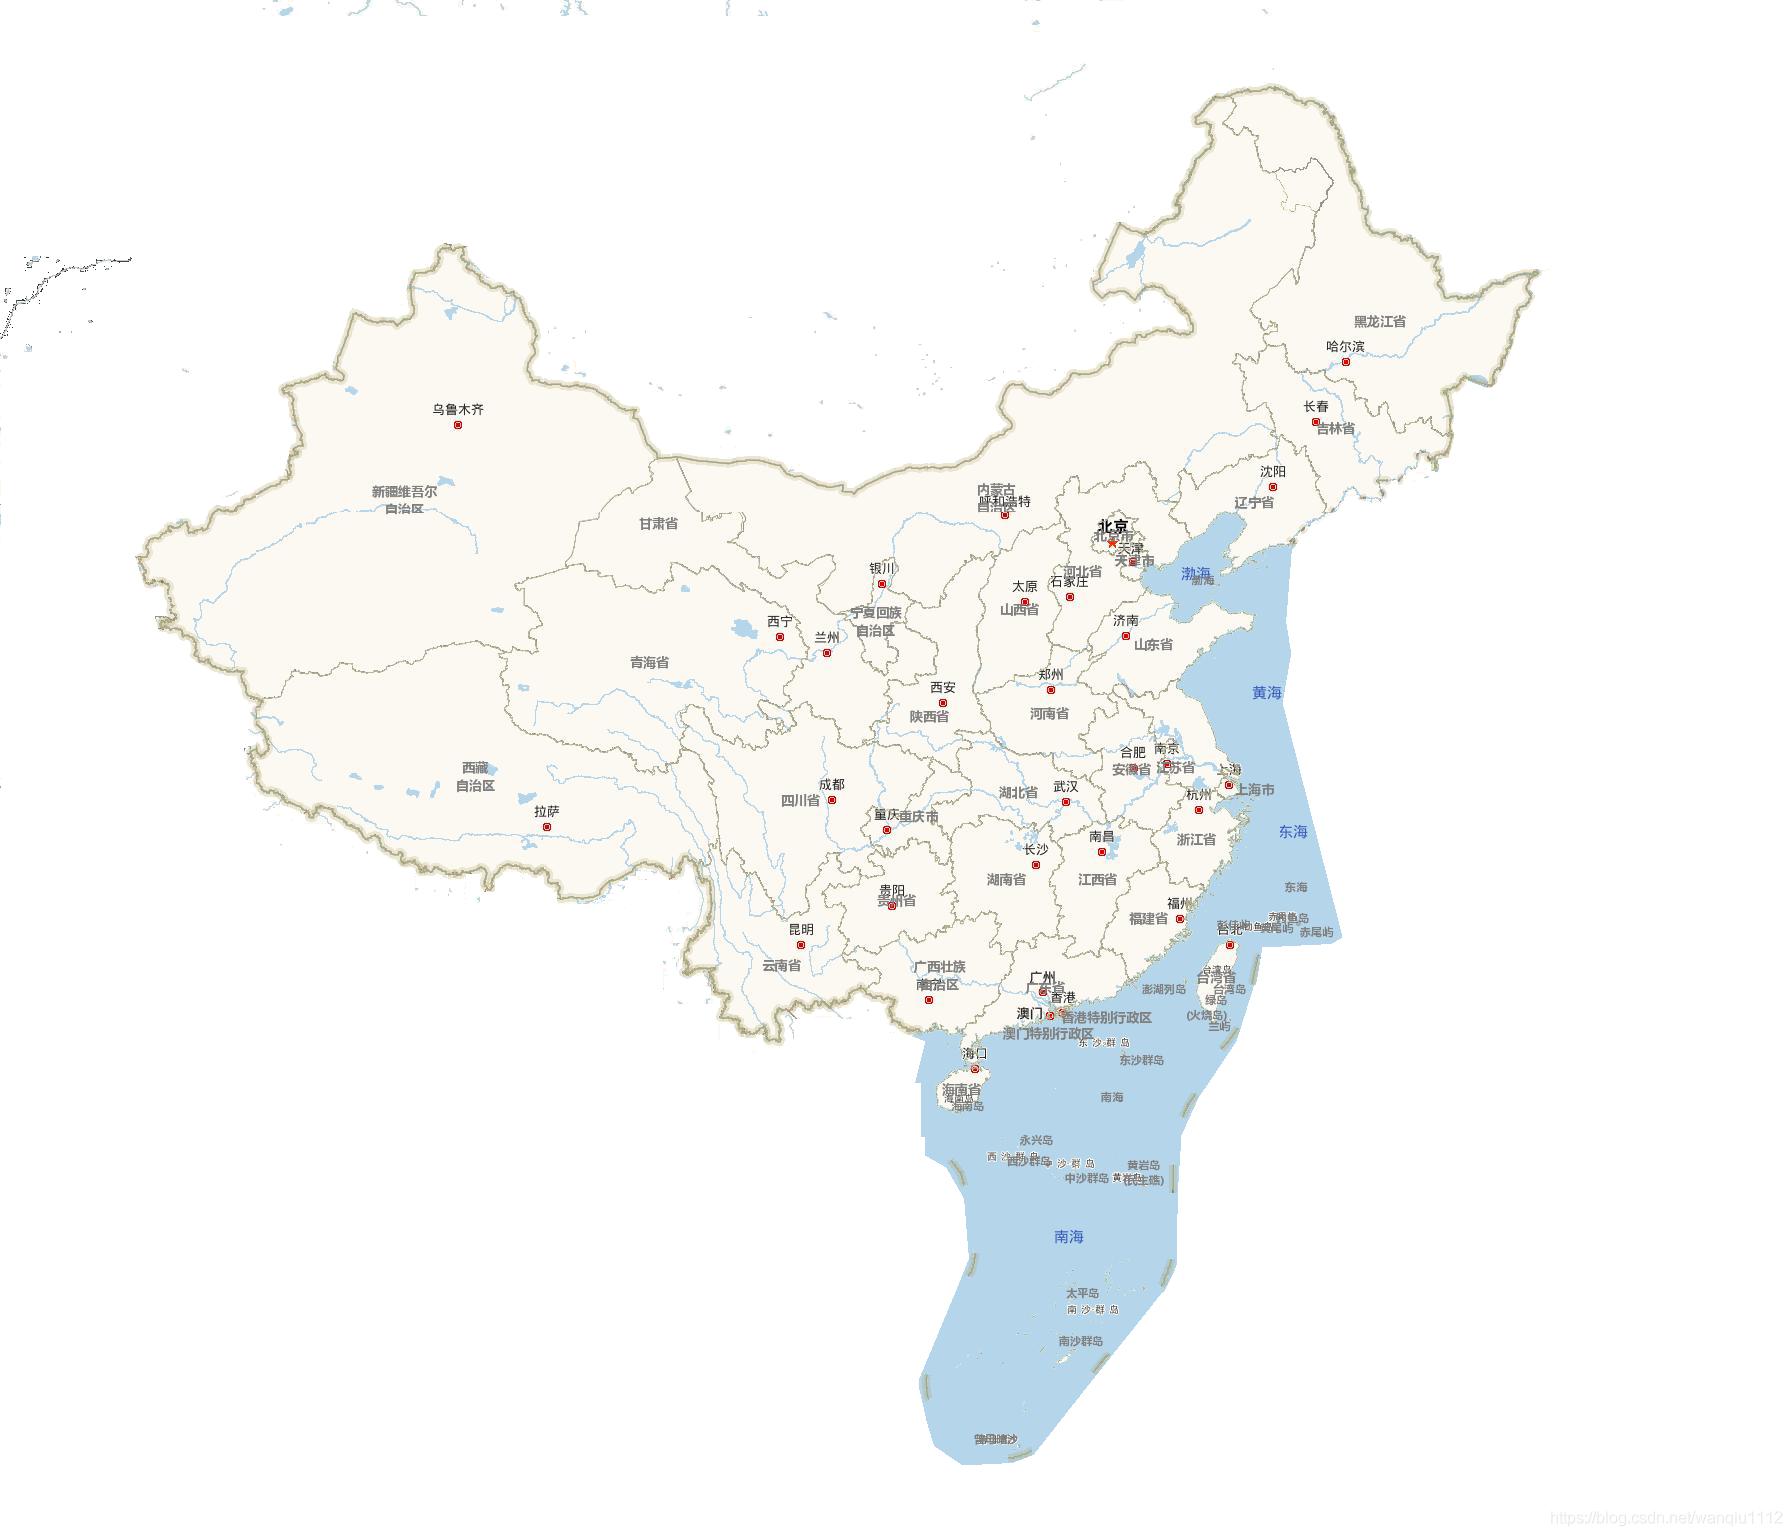 全国行政区划省级地图